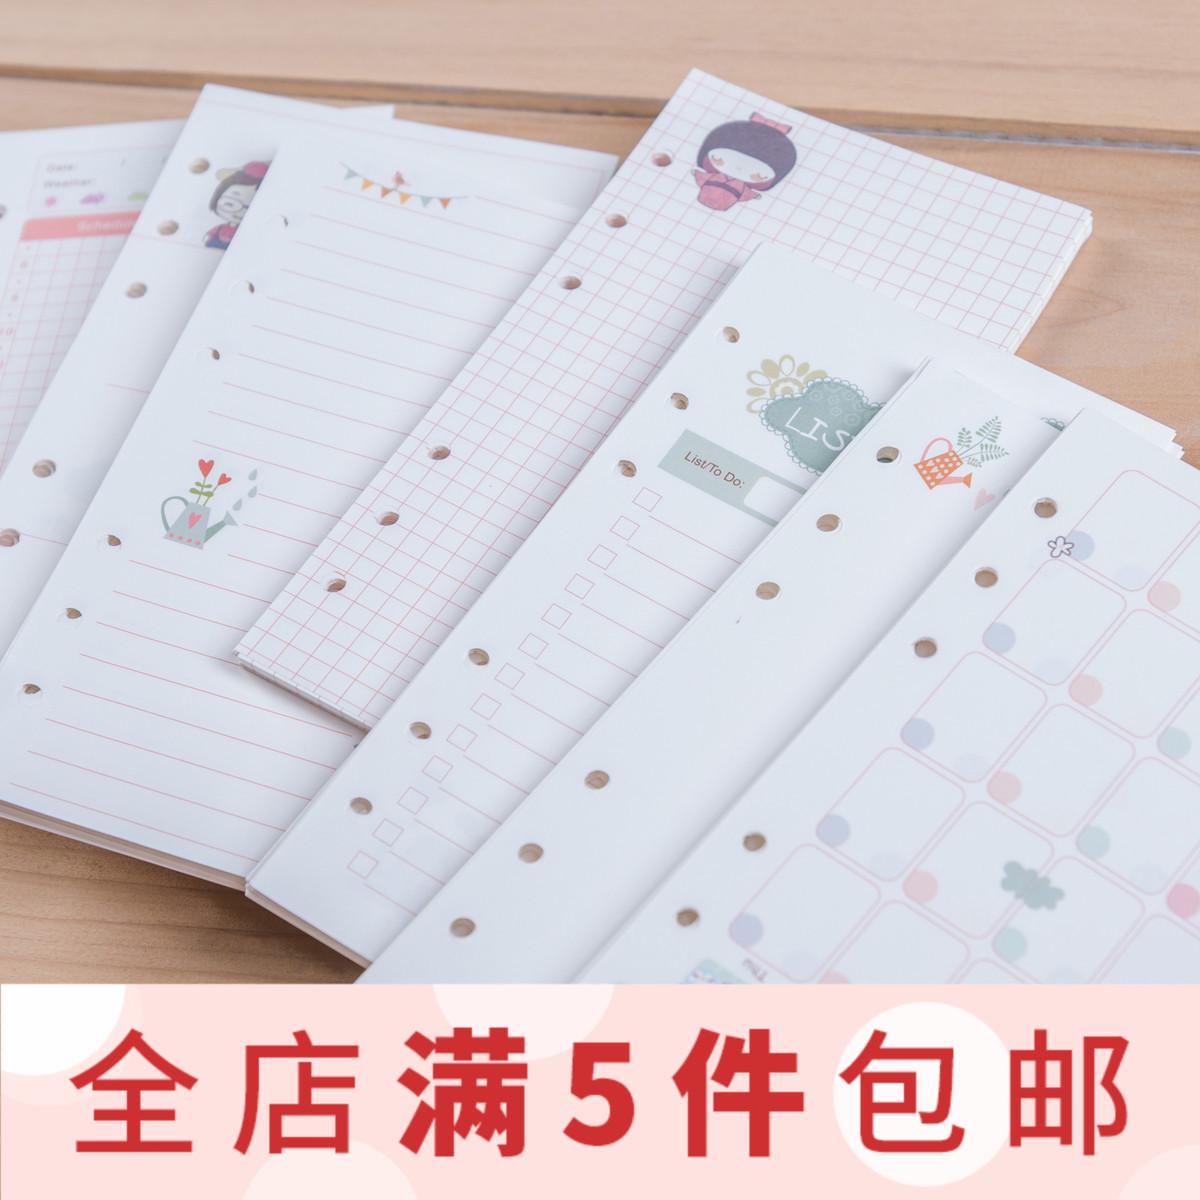 初心设计 Girly少女系列活页记事本内页 手帐替芯活页纸 A5A6